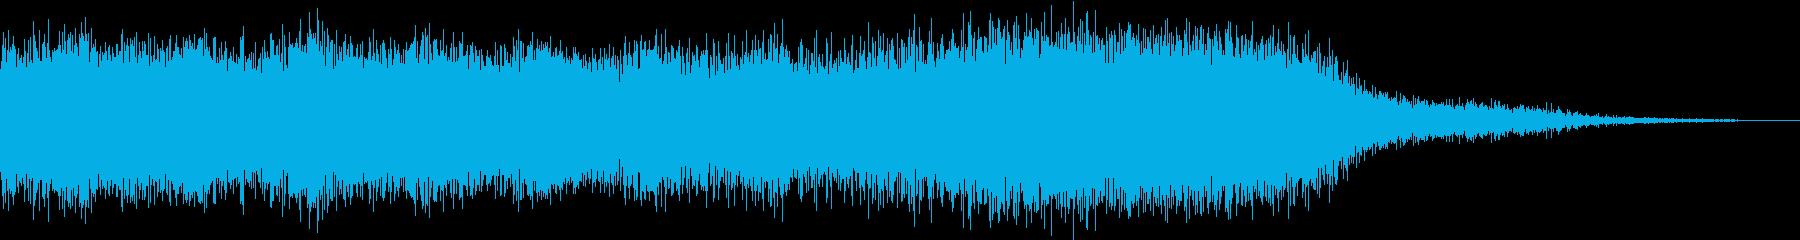 ウインドフーシュの再生済みの波形